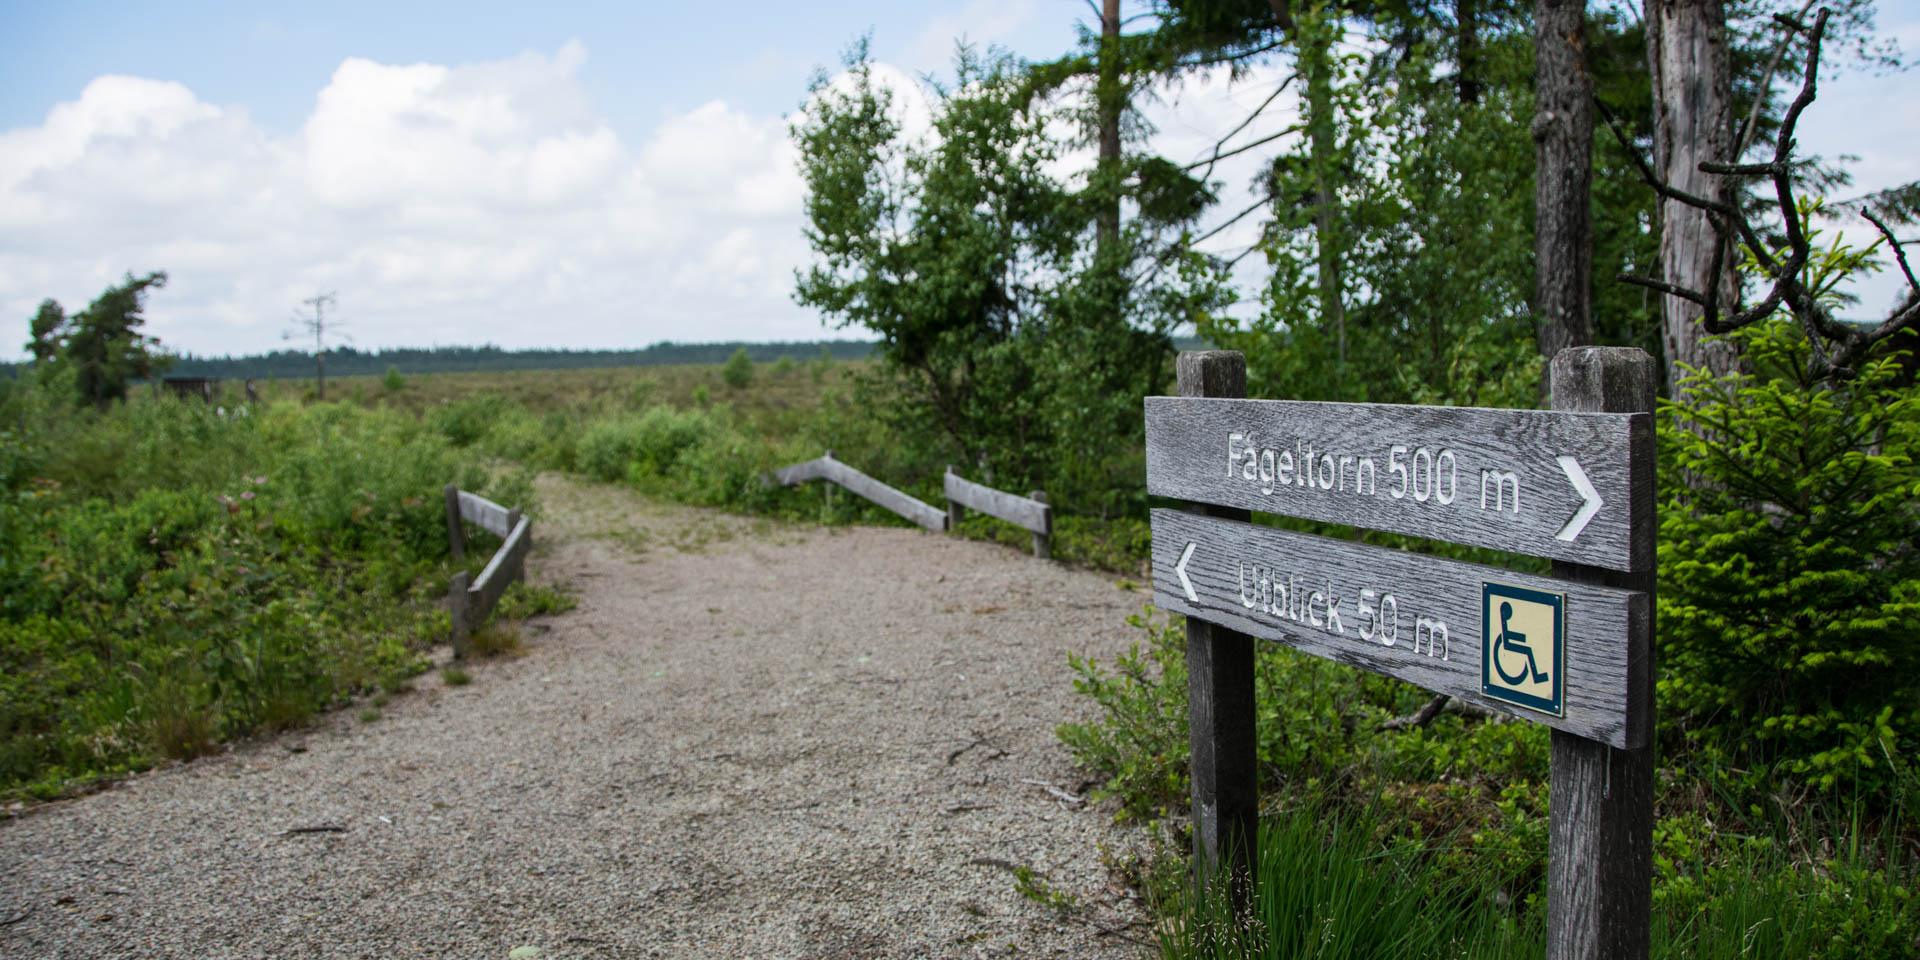 Taglamyrens Naturreservat 2019